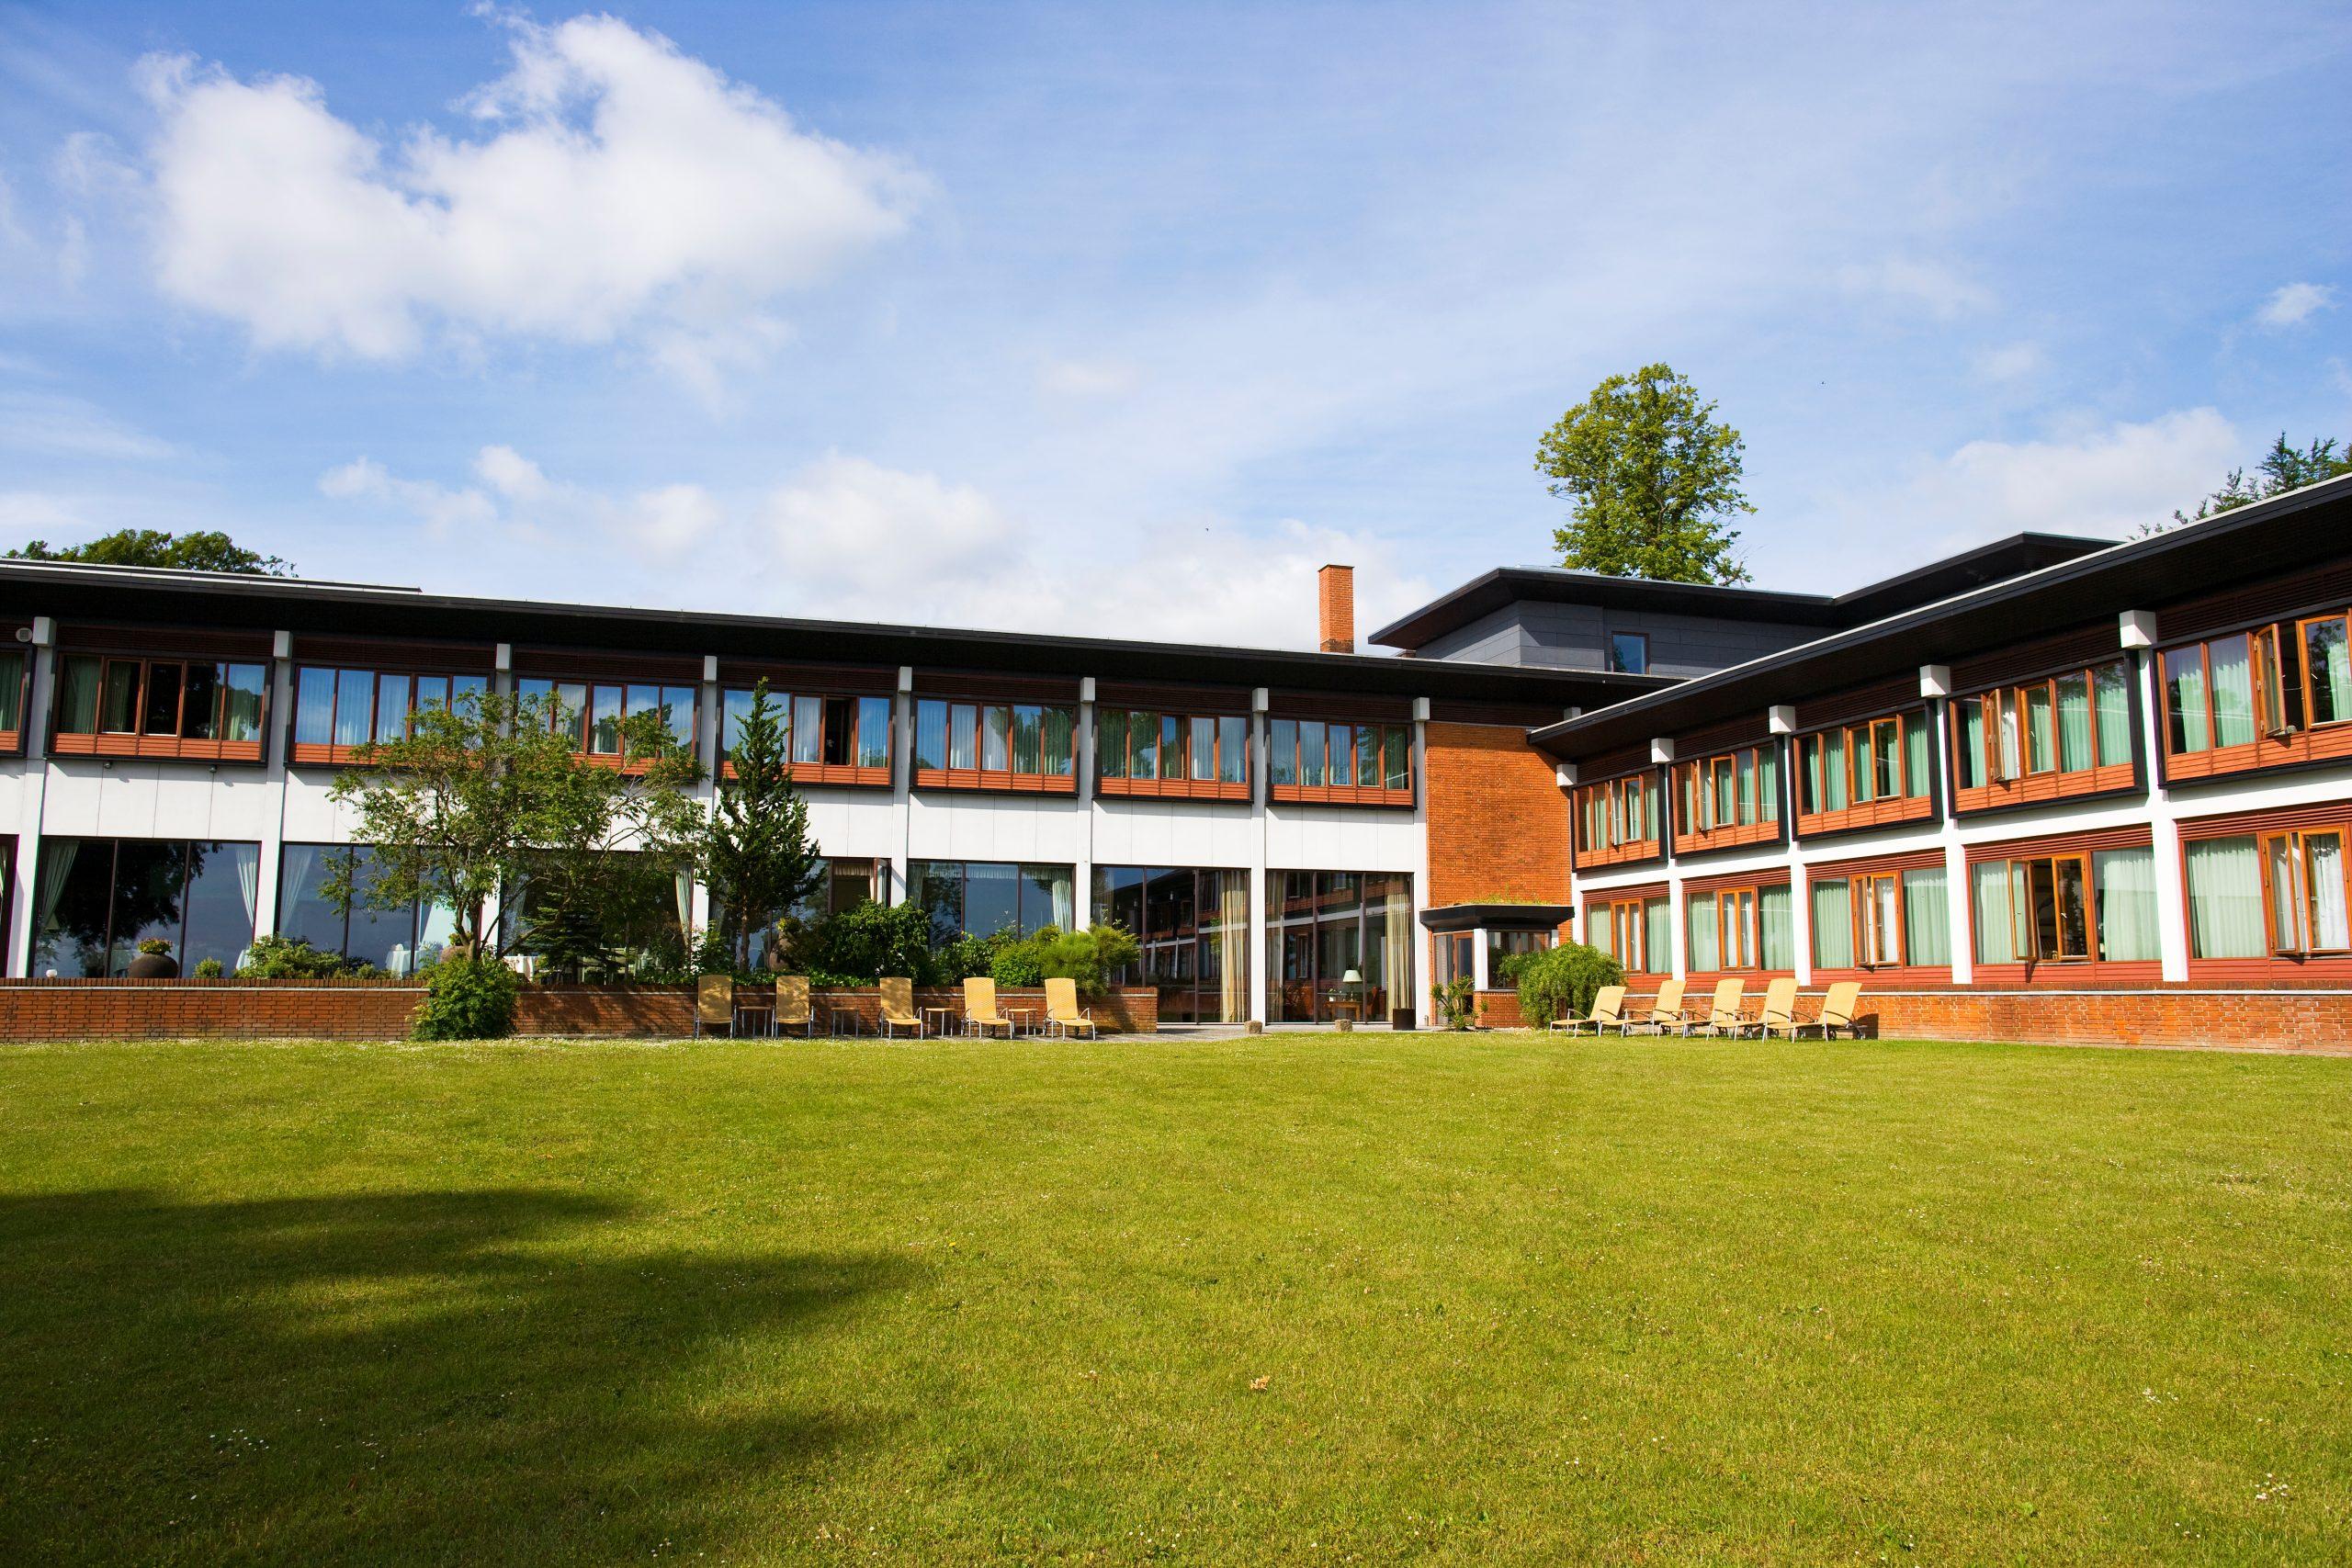 Et af Danmarks fineste hoteller, Hesselet på Fyn, har denne sommer primært danske gæster. PR-foto: Hotel Hesselet.             ©Mette Krull